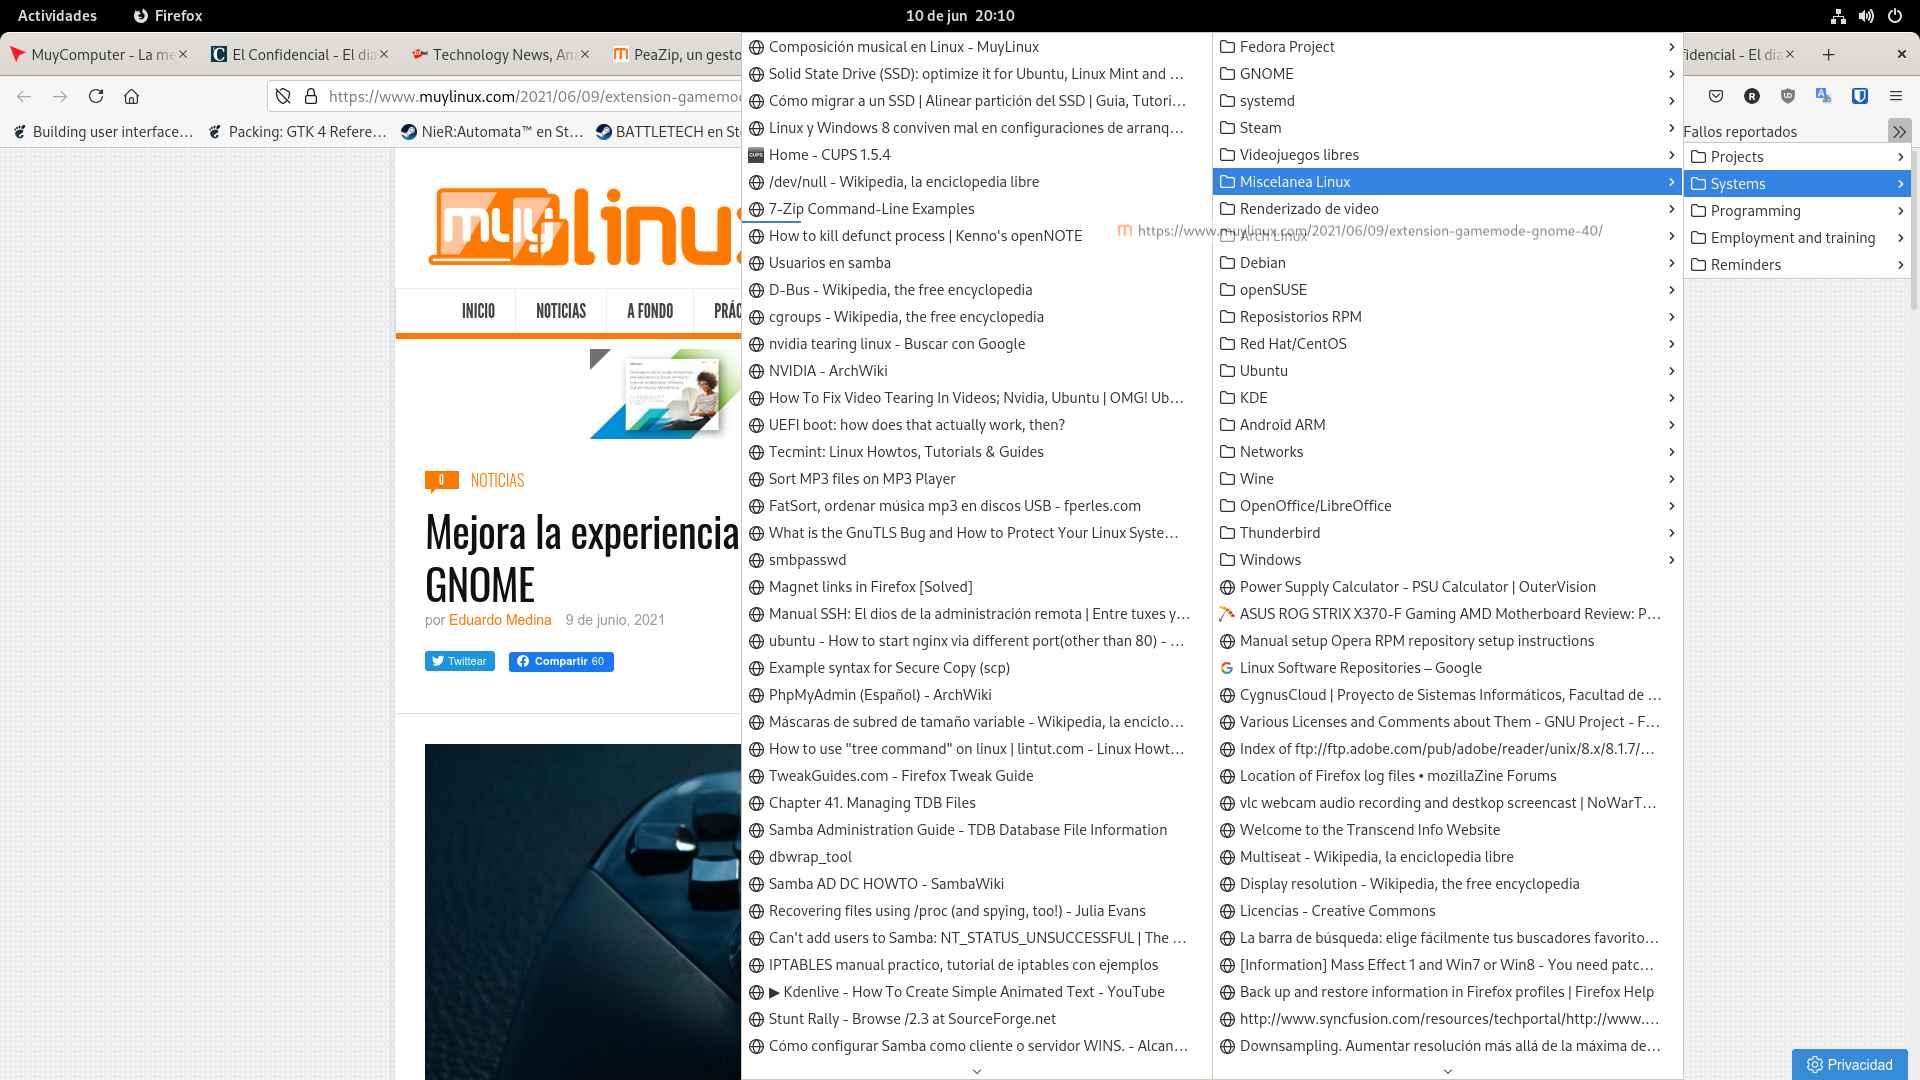 Arrastrando pestañas en la sesión de Wayland de Fedora 34 Workstation (GNOME)